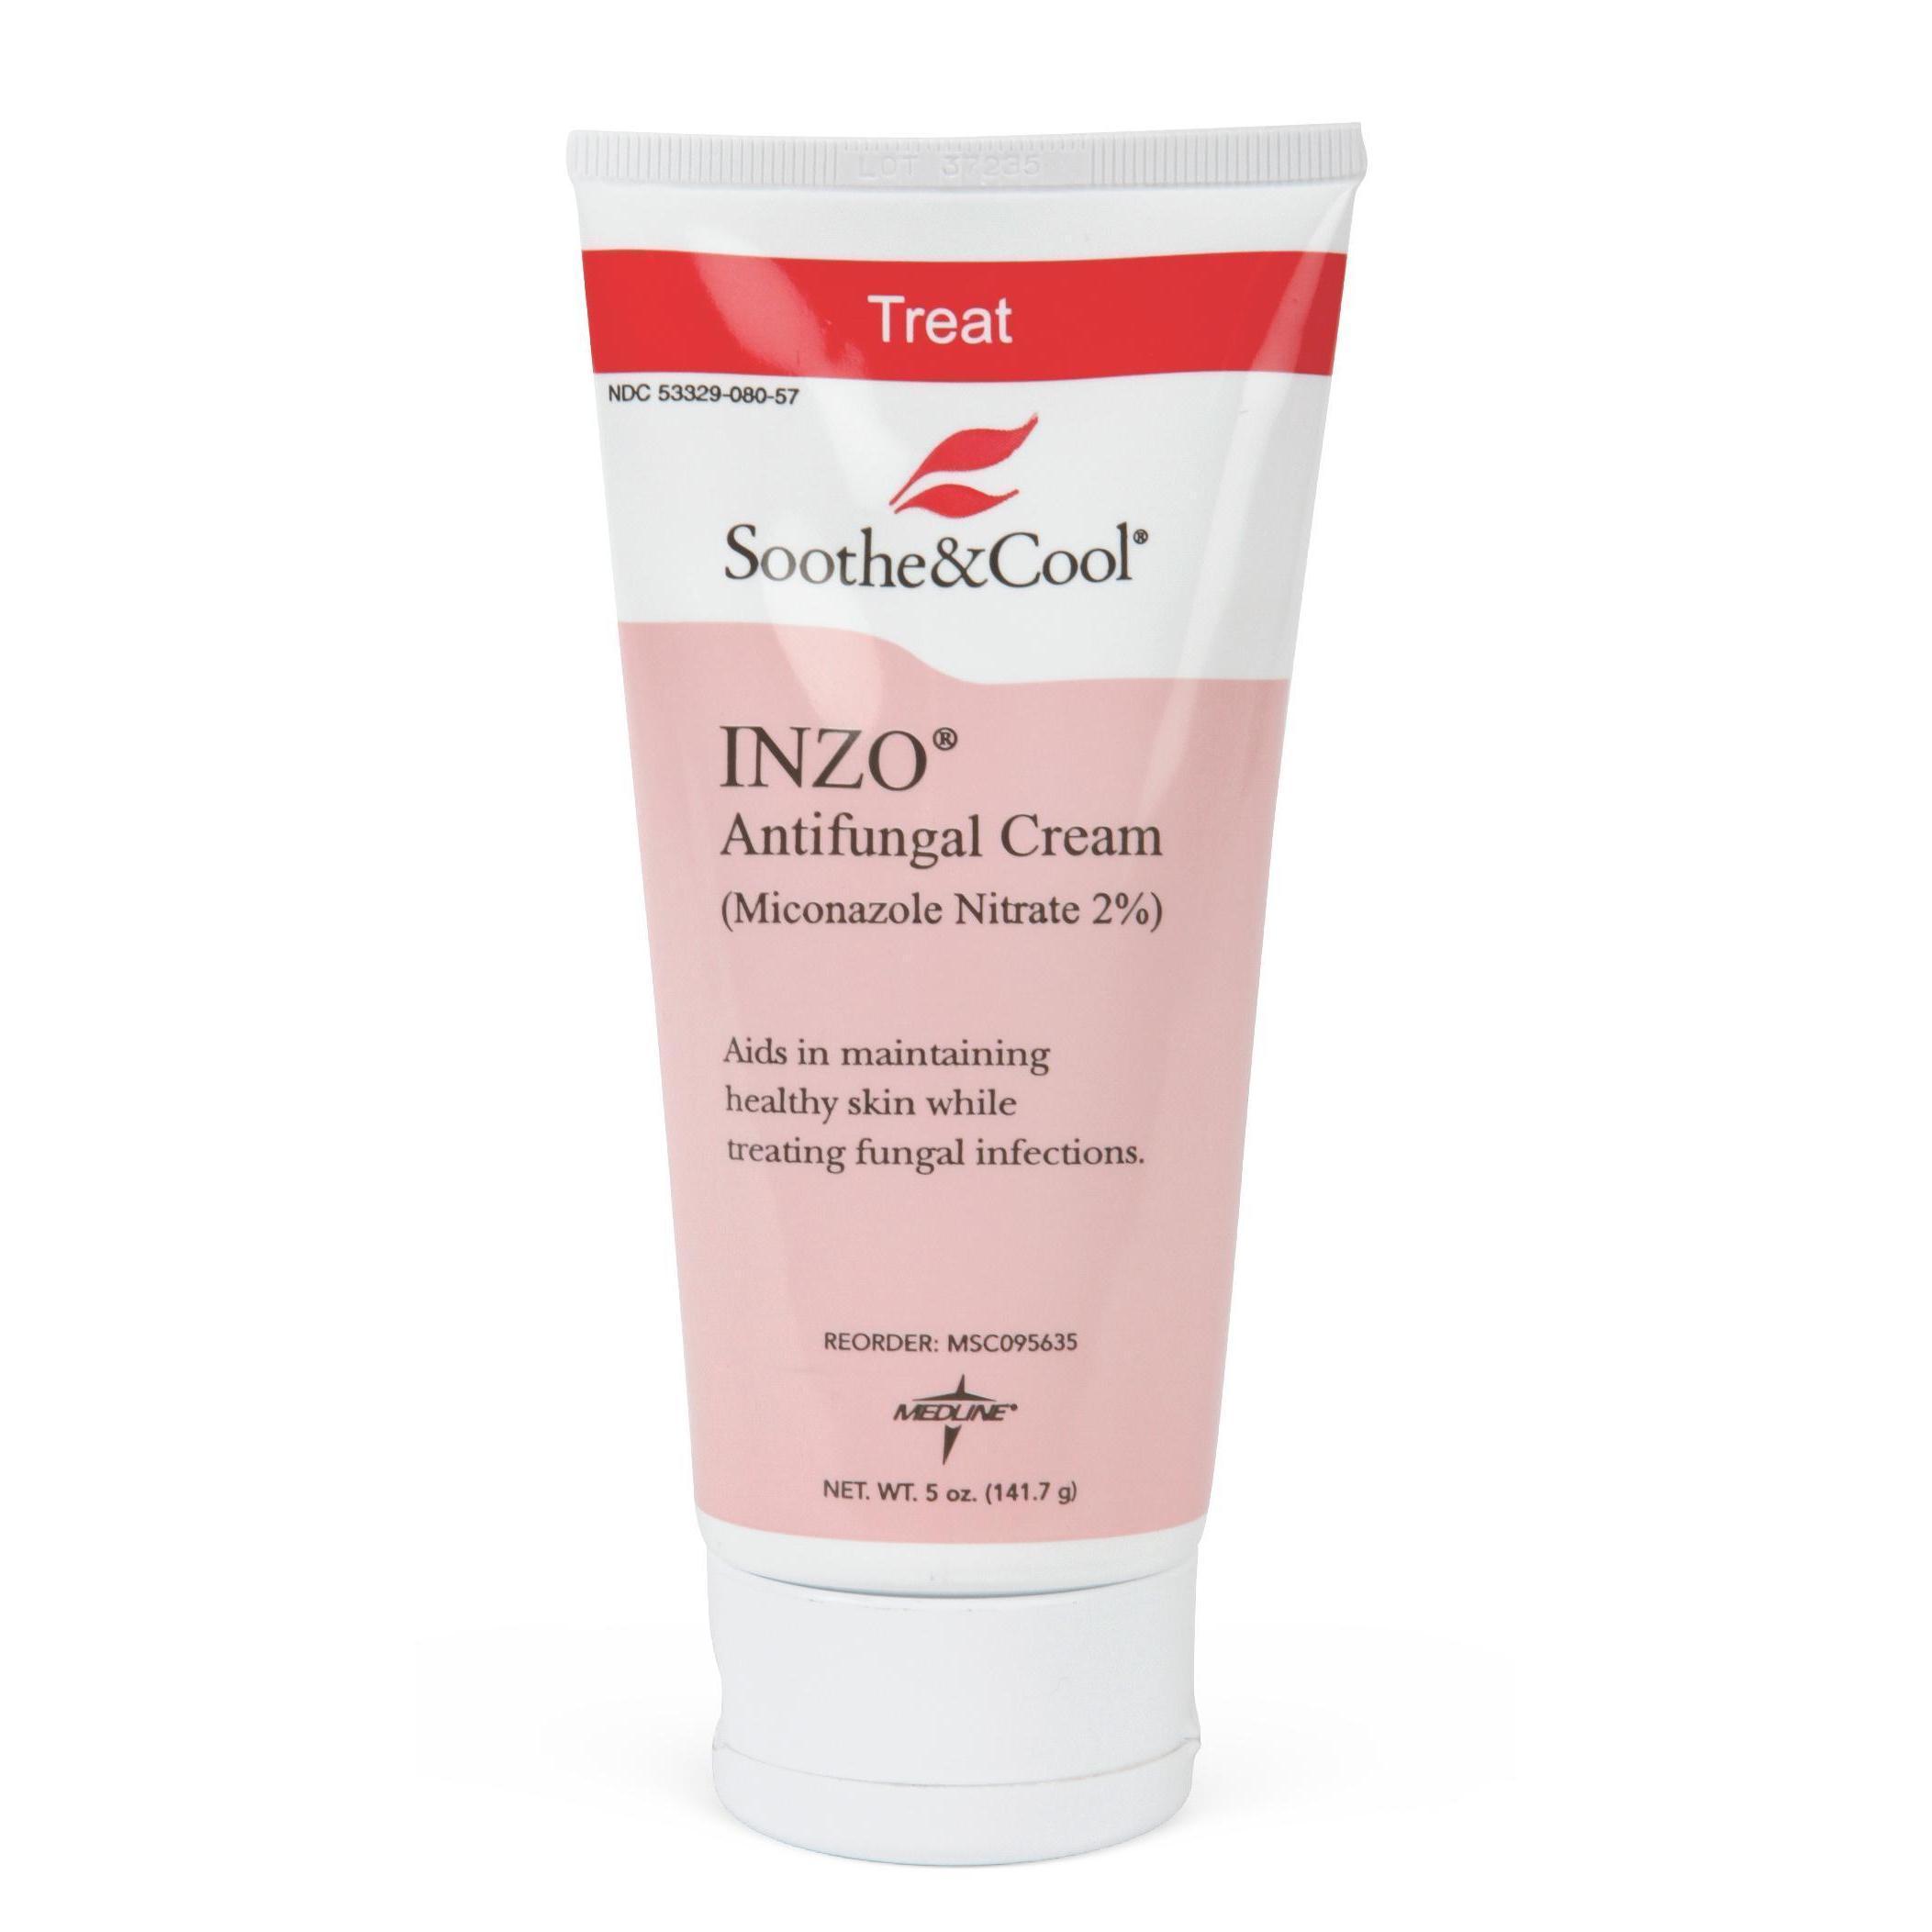 medline Soothe & Cool Inzo 5-ounce Antifungal Cream (Ivor...